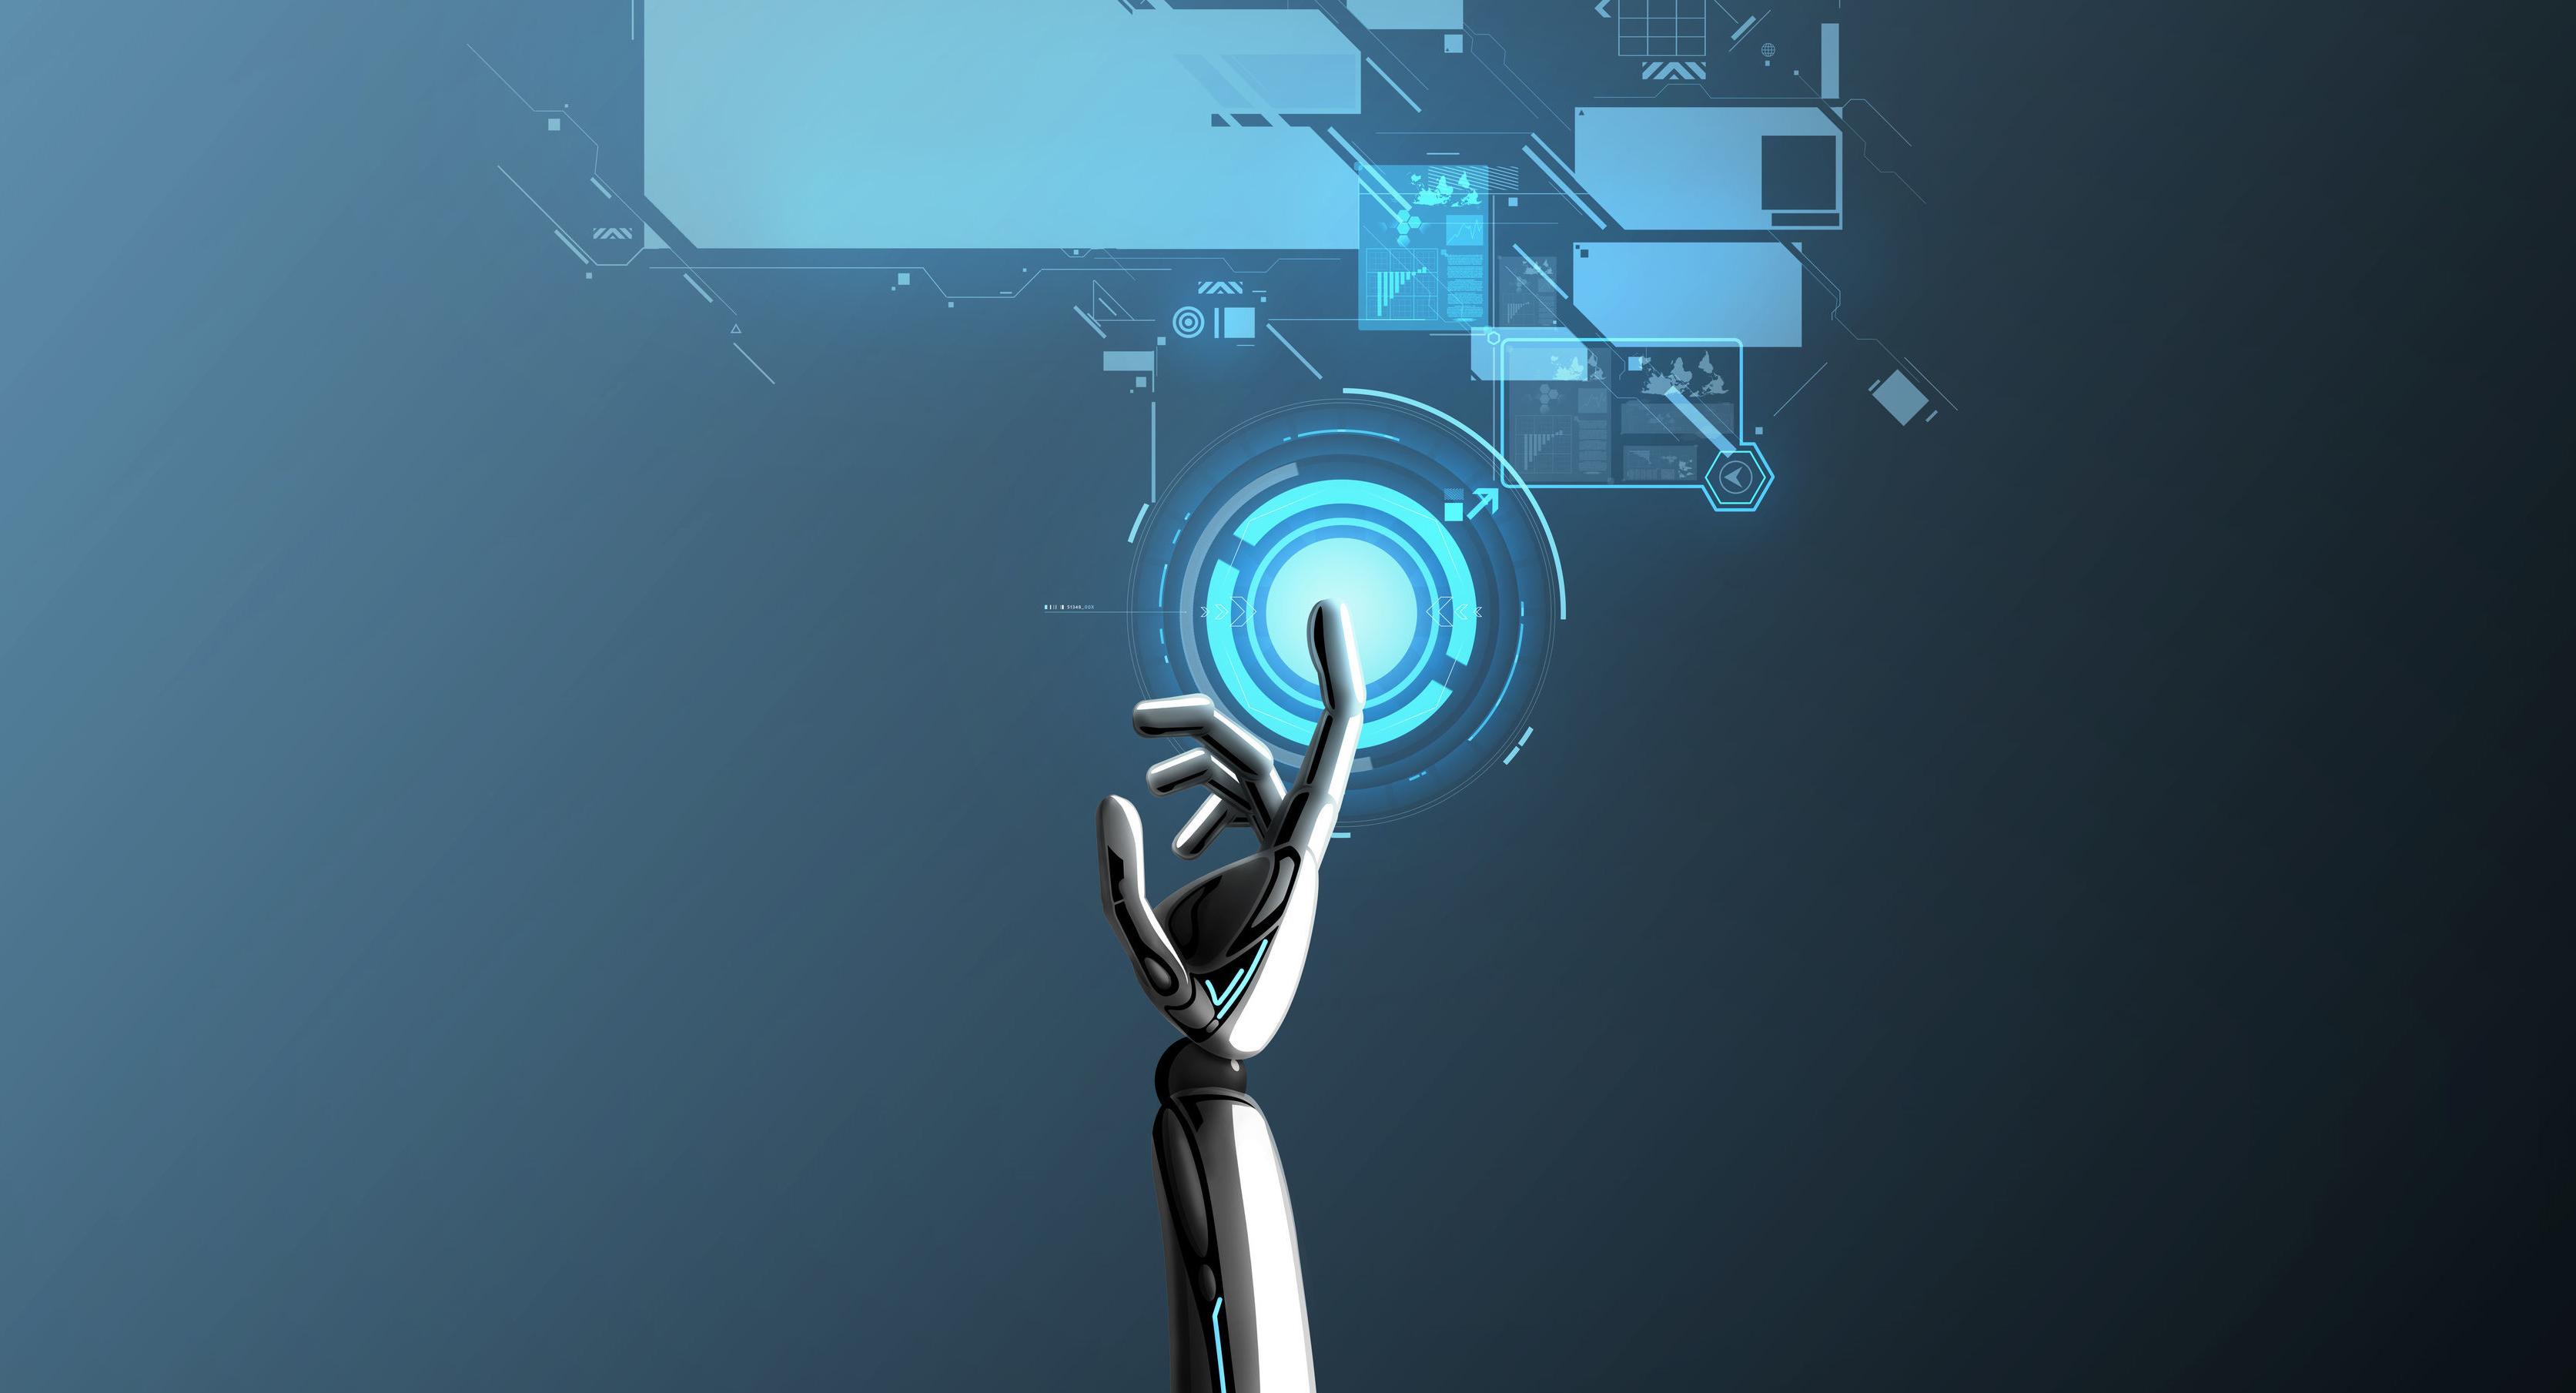 想掌握机器学习技术?从了解特征工程开始